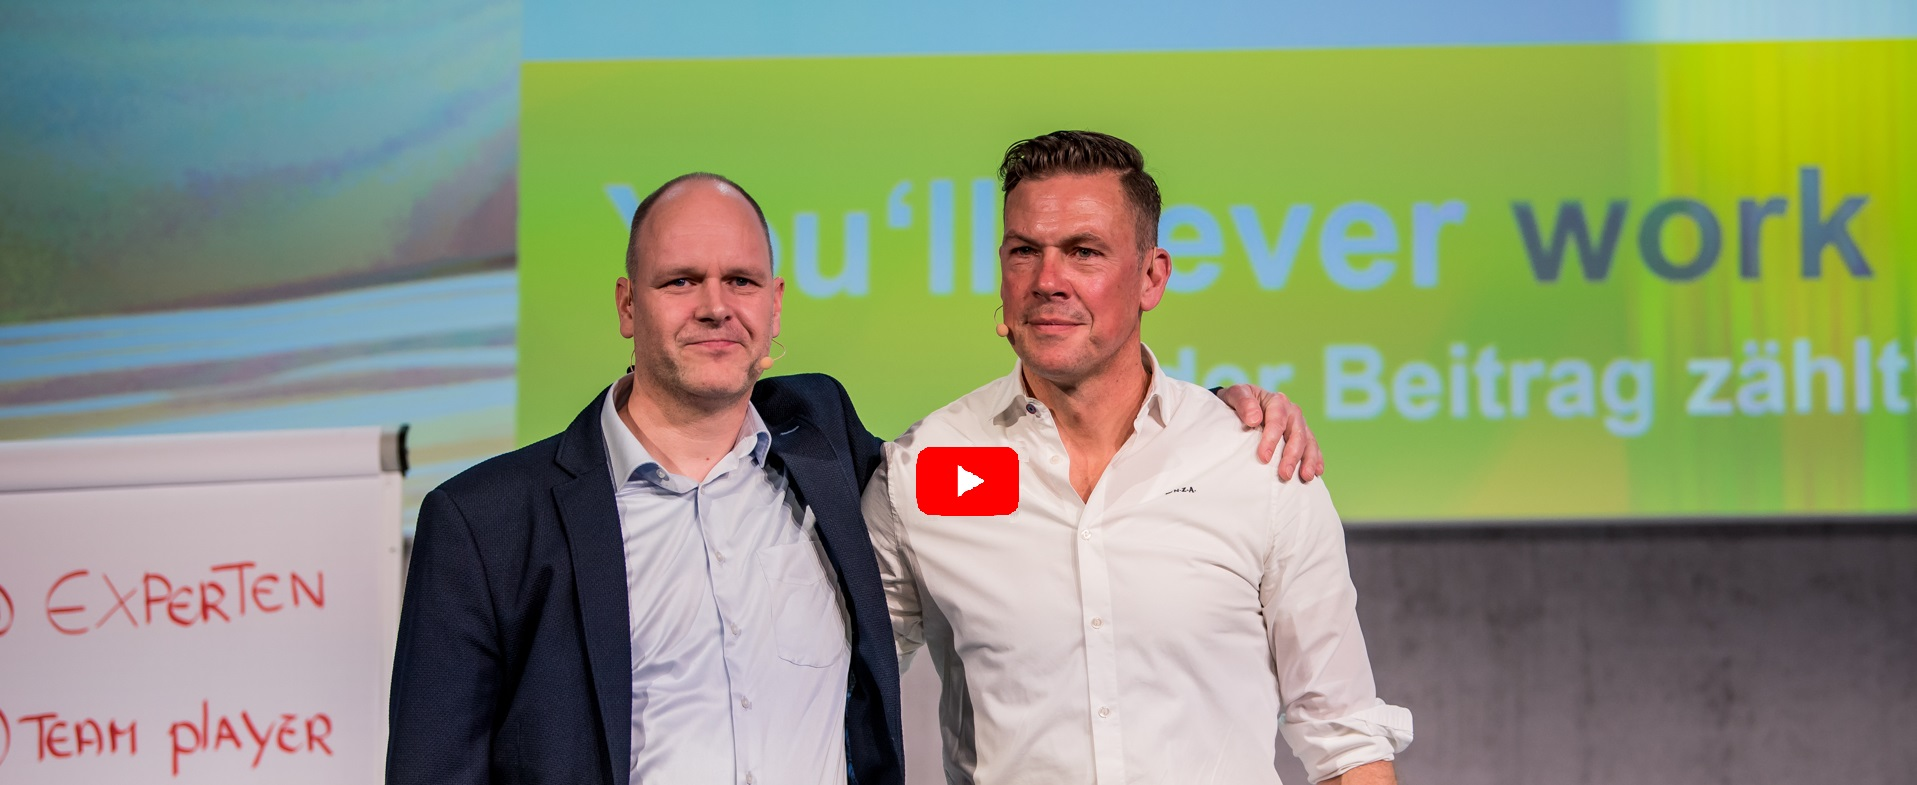 Fußballredner Erik Meijer und Keynote Speaker Dr. Holger Schmitz im Live Video